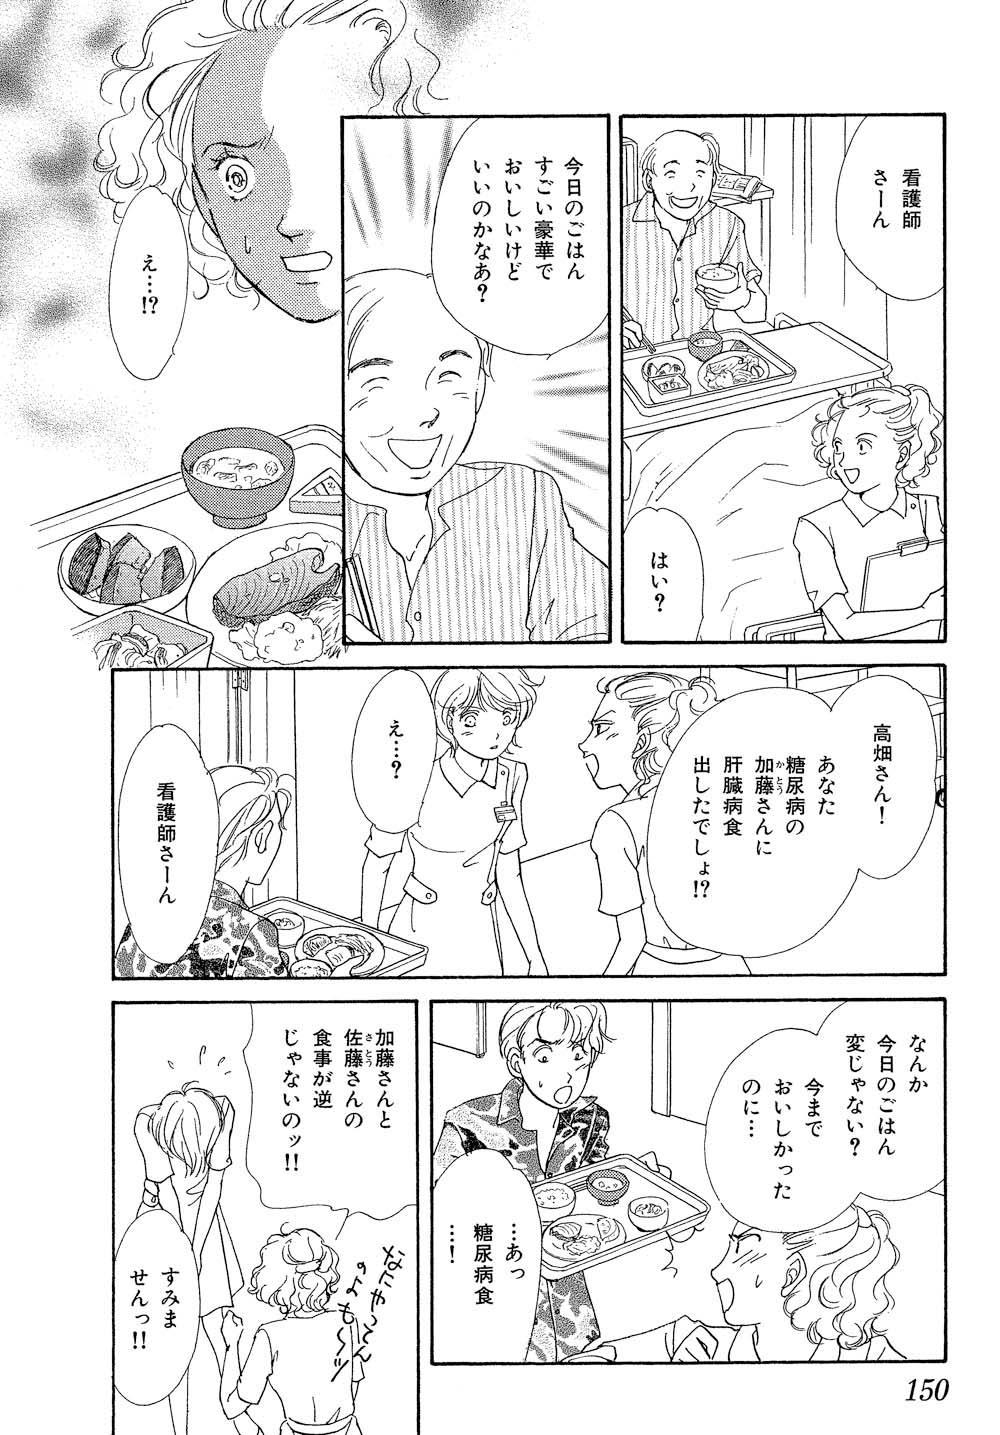 hakui_0001_0150.jpg